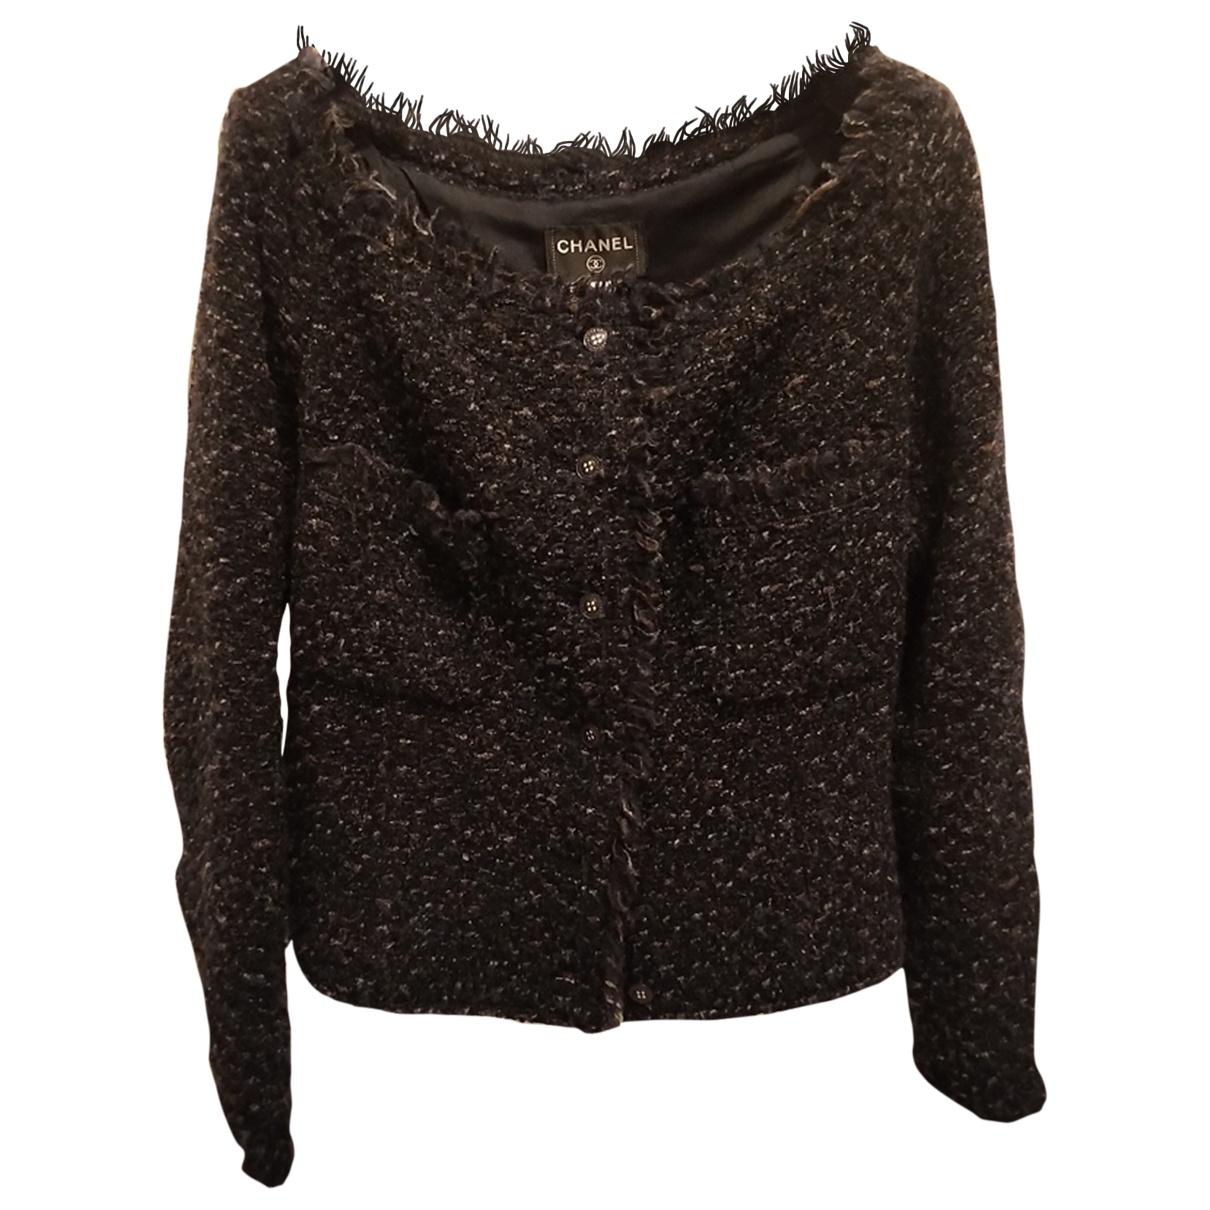 Chanel \N Wool jacket for Women 44 FR